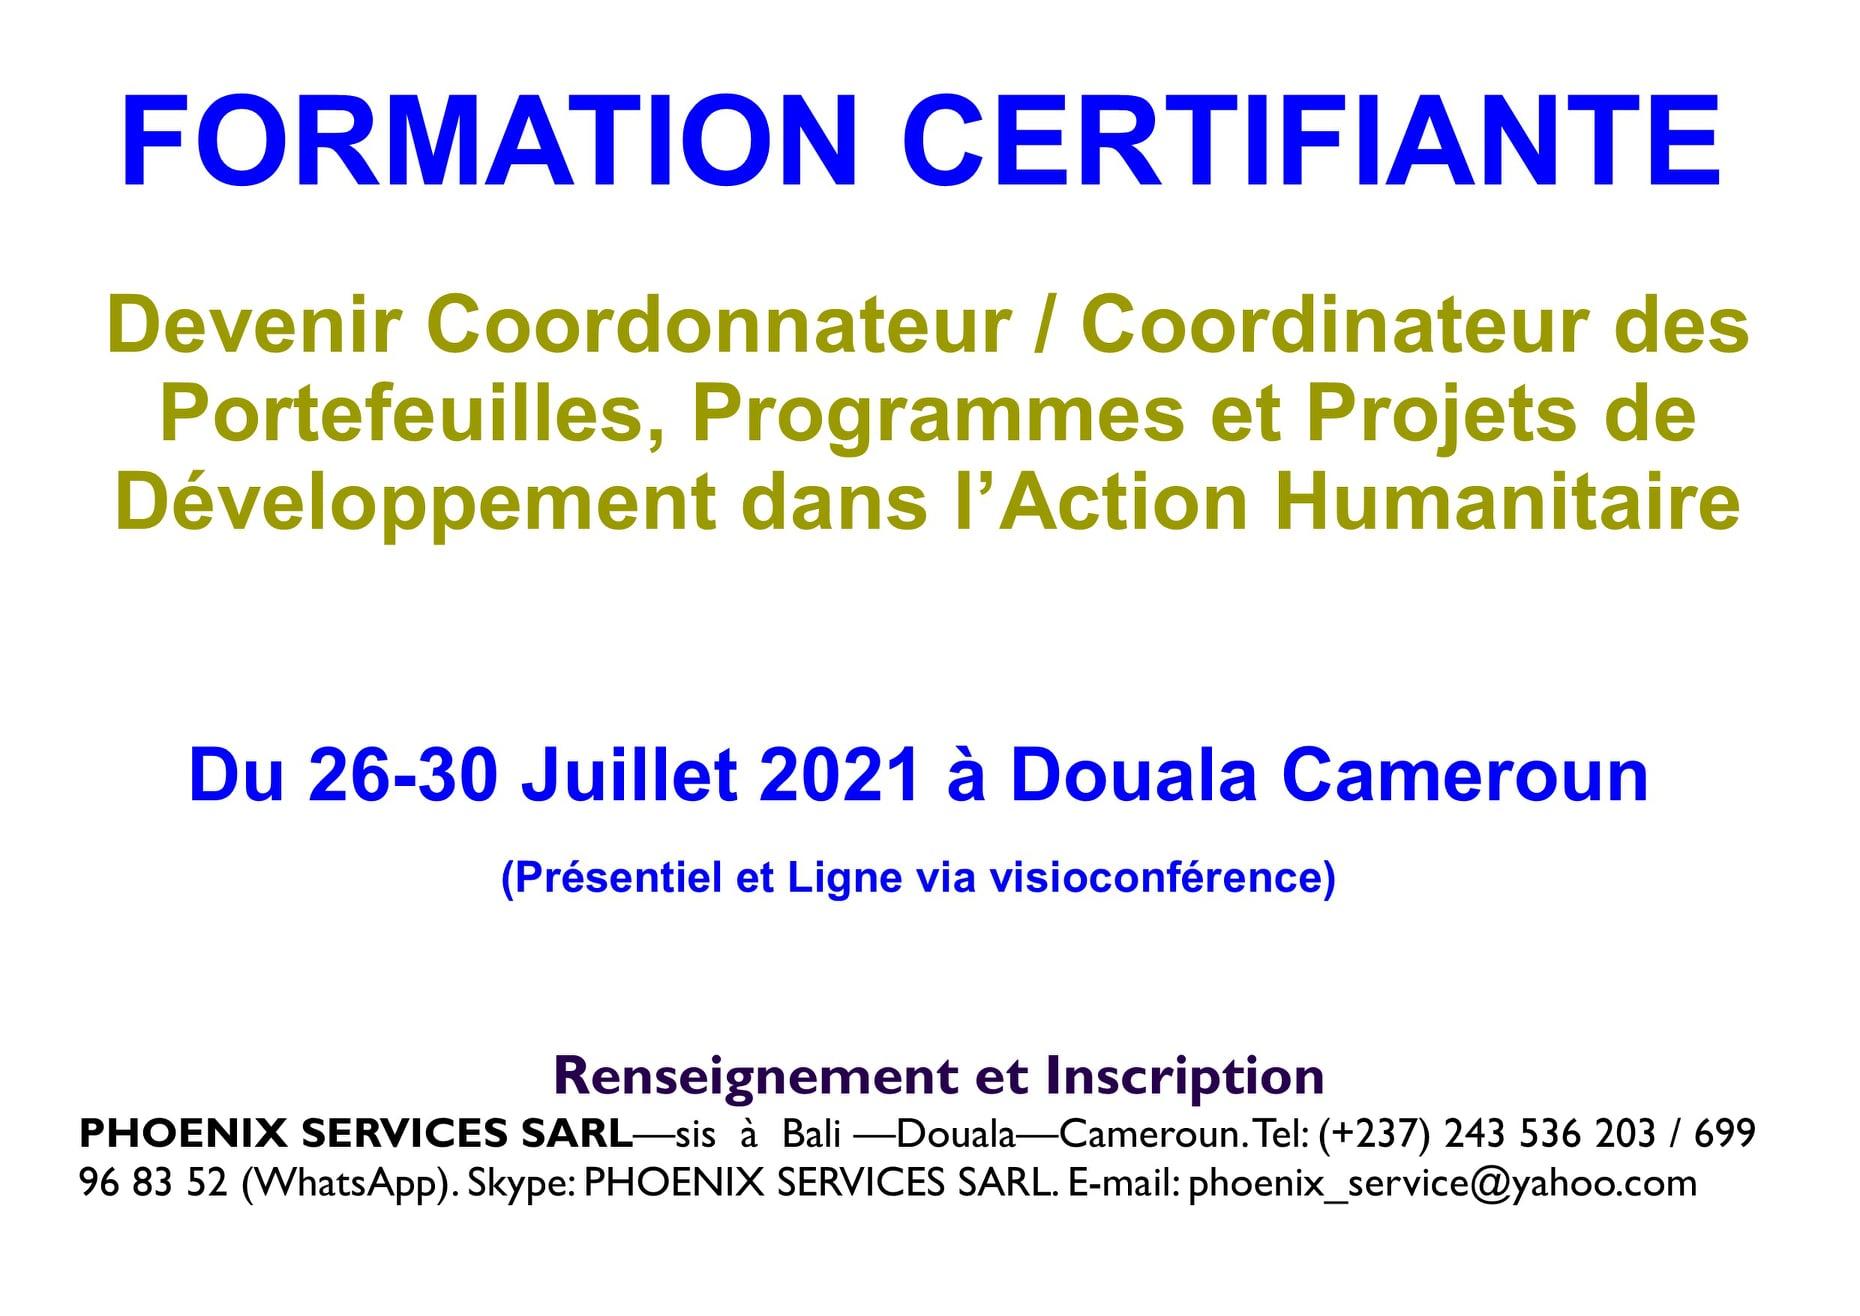 Formation Certifiante: Devenir Coordonnateur des Portefeuilles, Programmes et Projets de Développement dans l'Action Communautaire